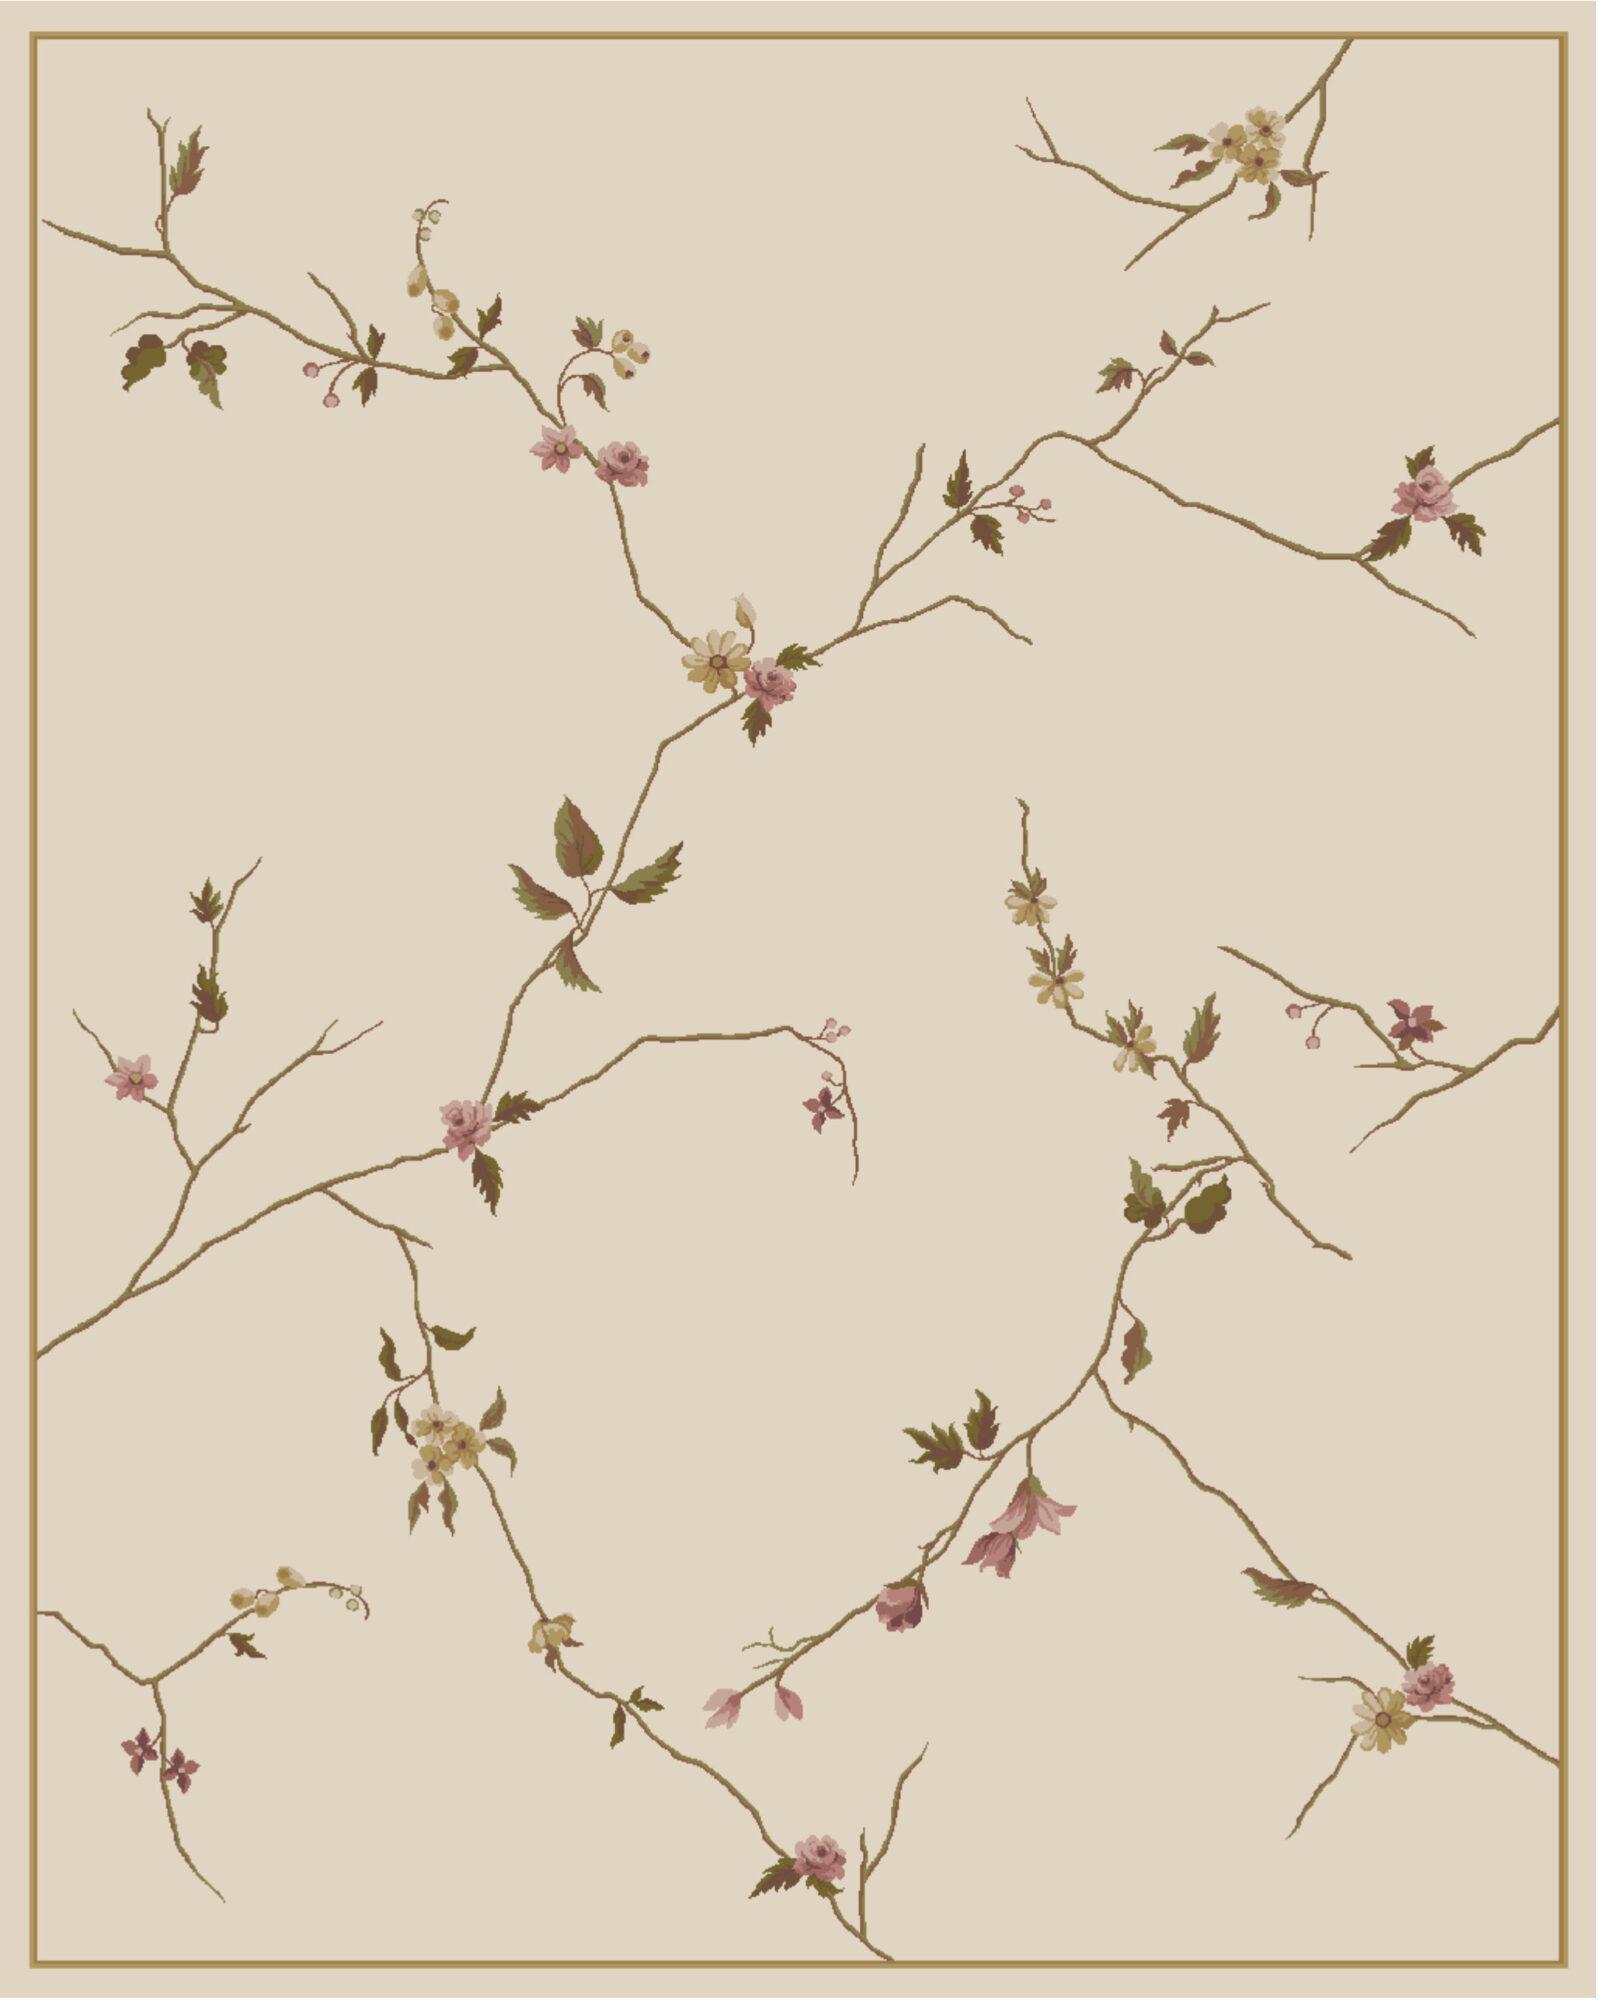 EHR028687-1 (Blissful Garden)